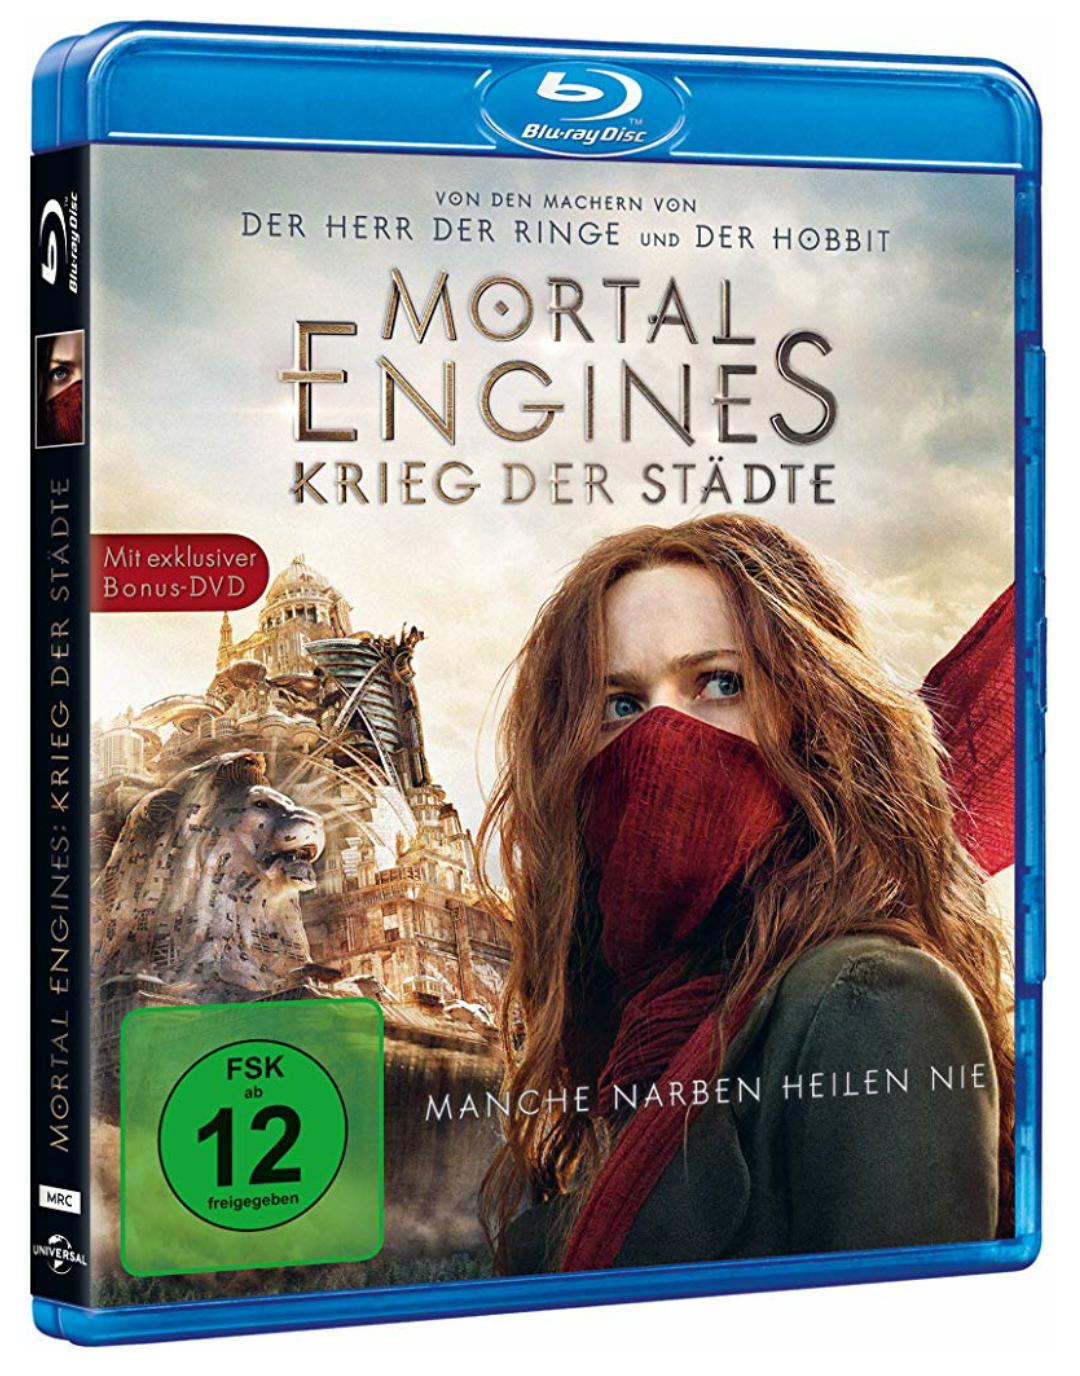 Mortal Engines: Krieg der Städte (Blu-ray) [Prime]